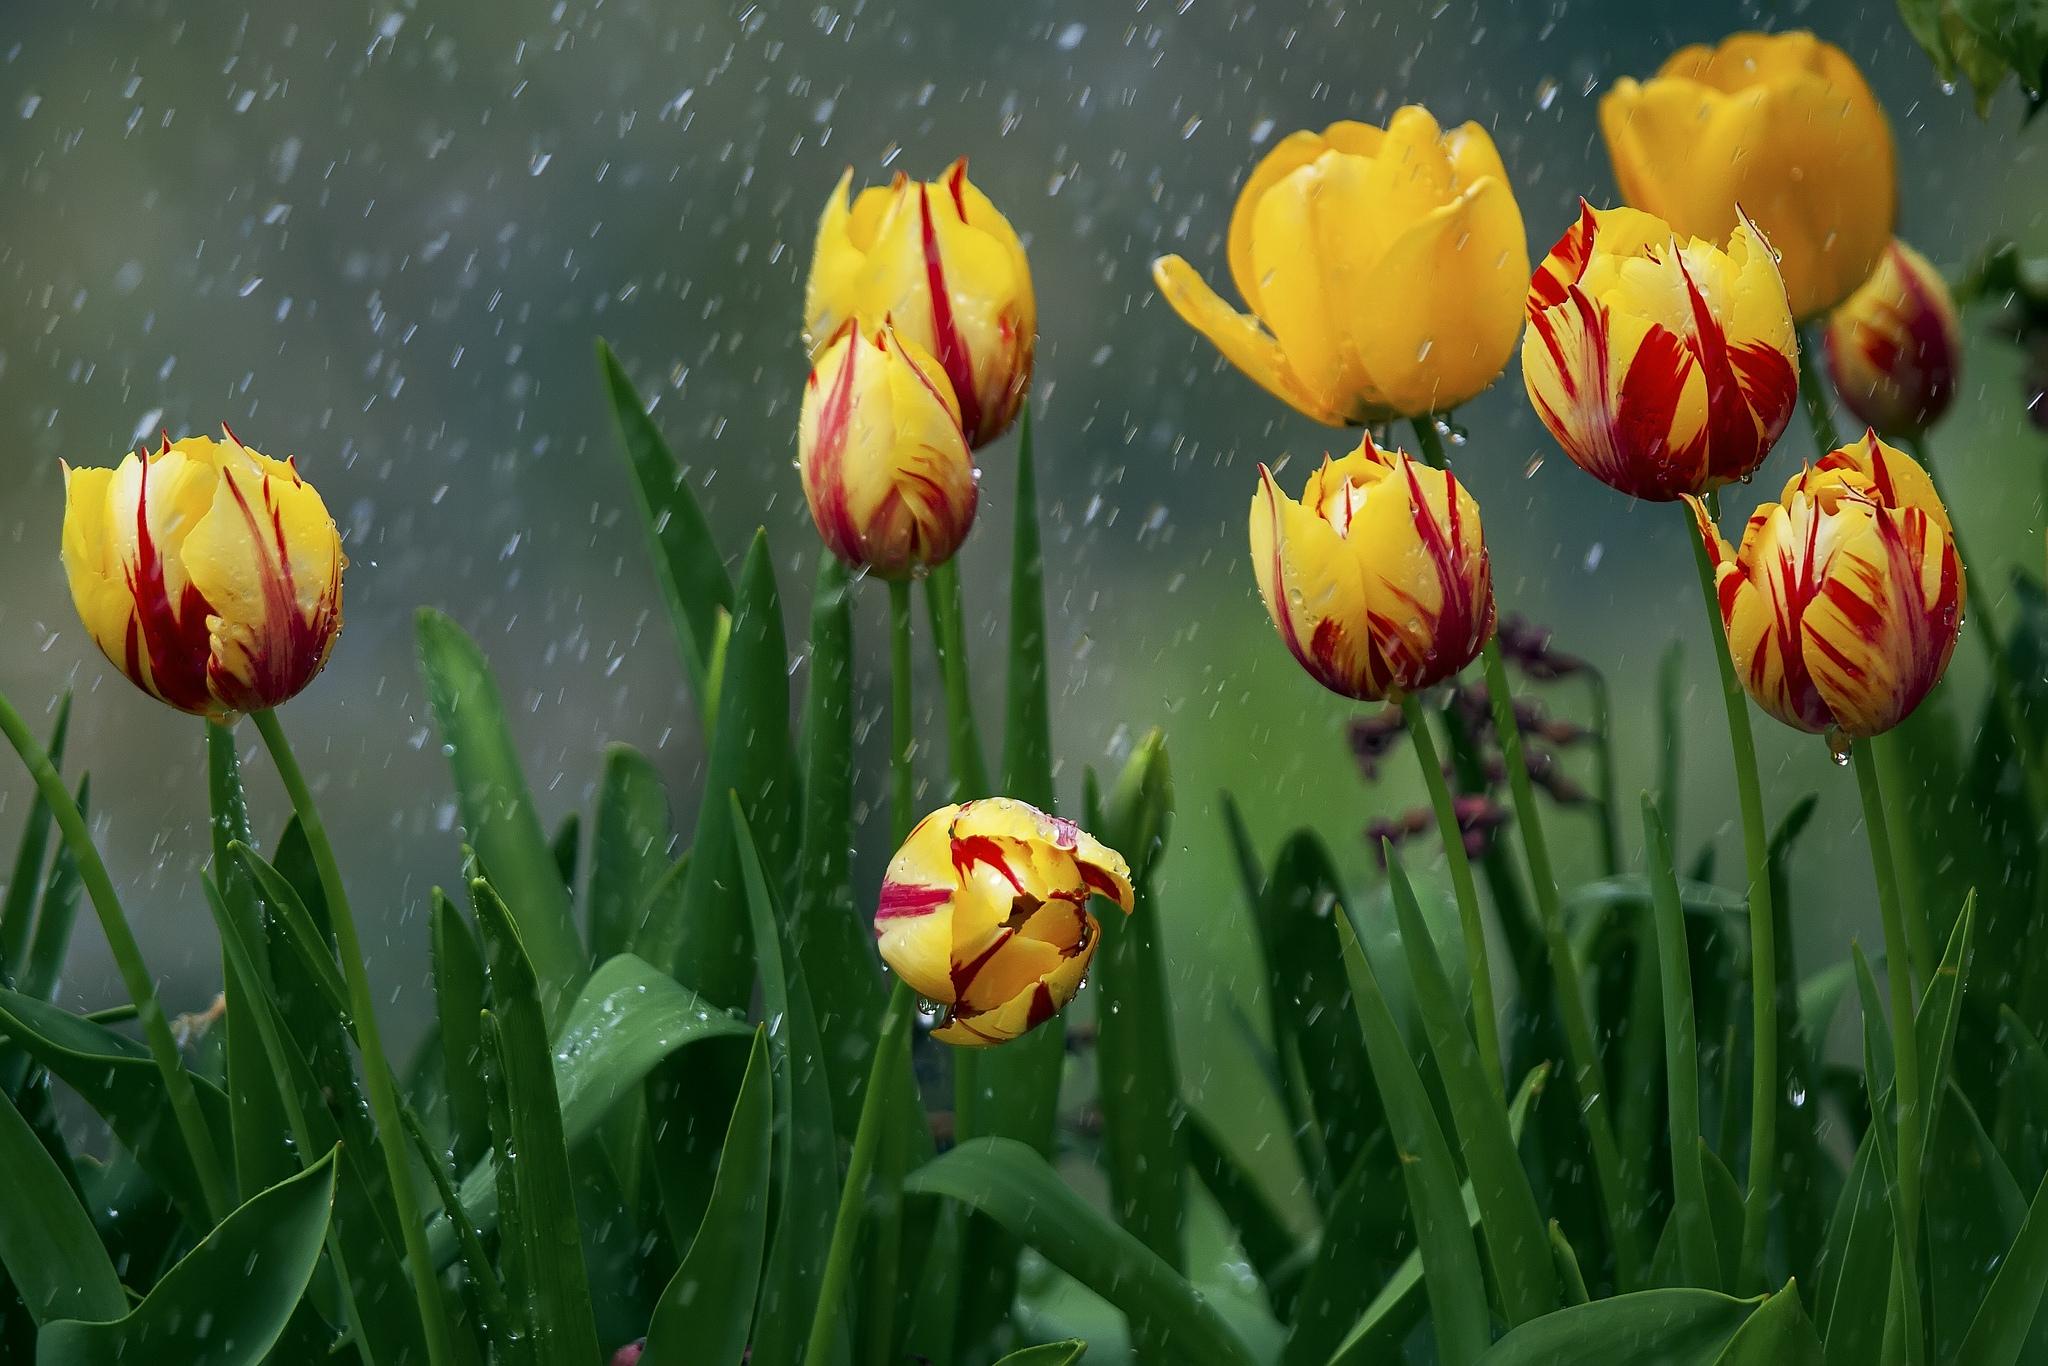 Тюльпаны после дождя фото высокого разрешения